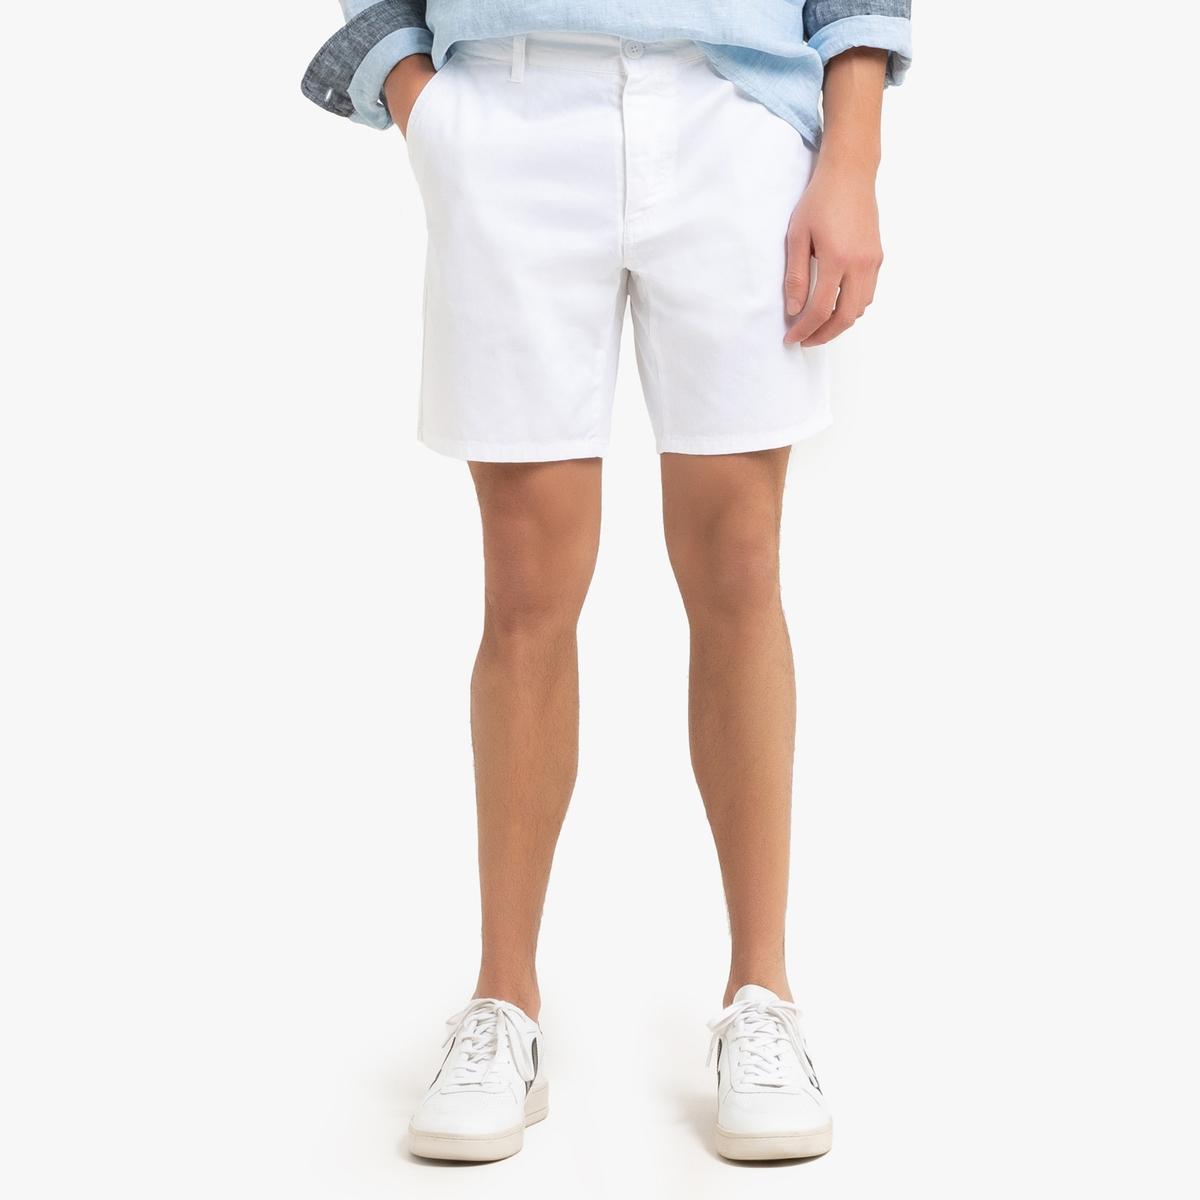 Бермуды-чинос LaRedoute La Redoute 38 (FR) - 44 (RUS) белый брюки la redoute в полоску широкие с высокой талией 38 fr 44 rus черный